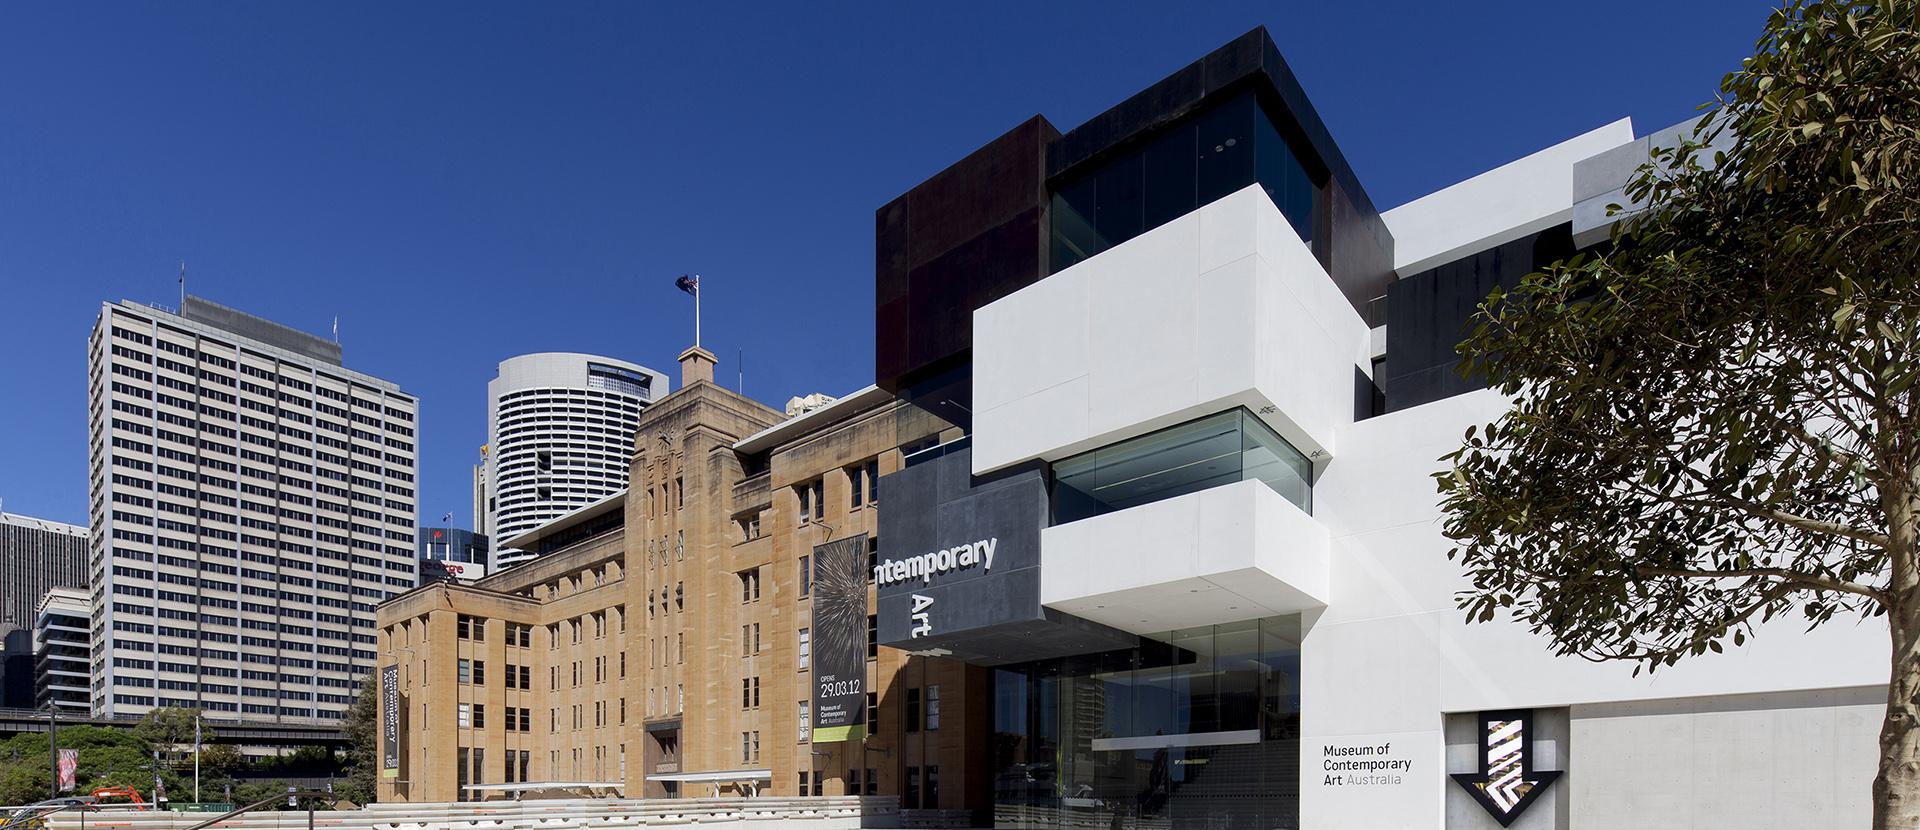 the mca building mca australia